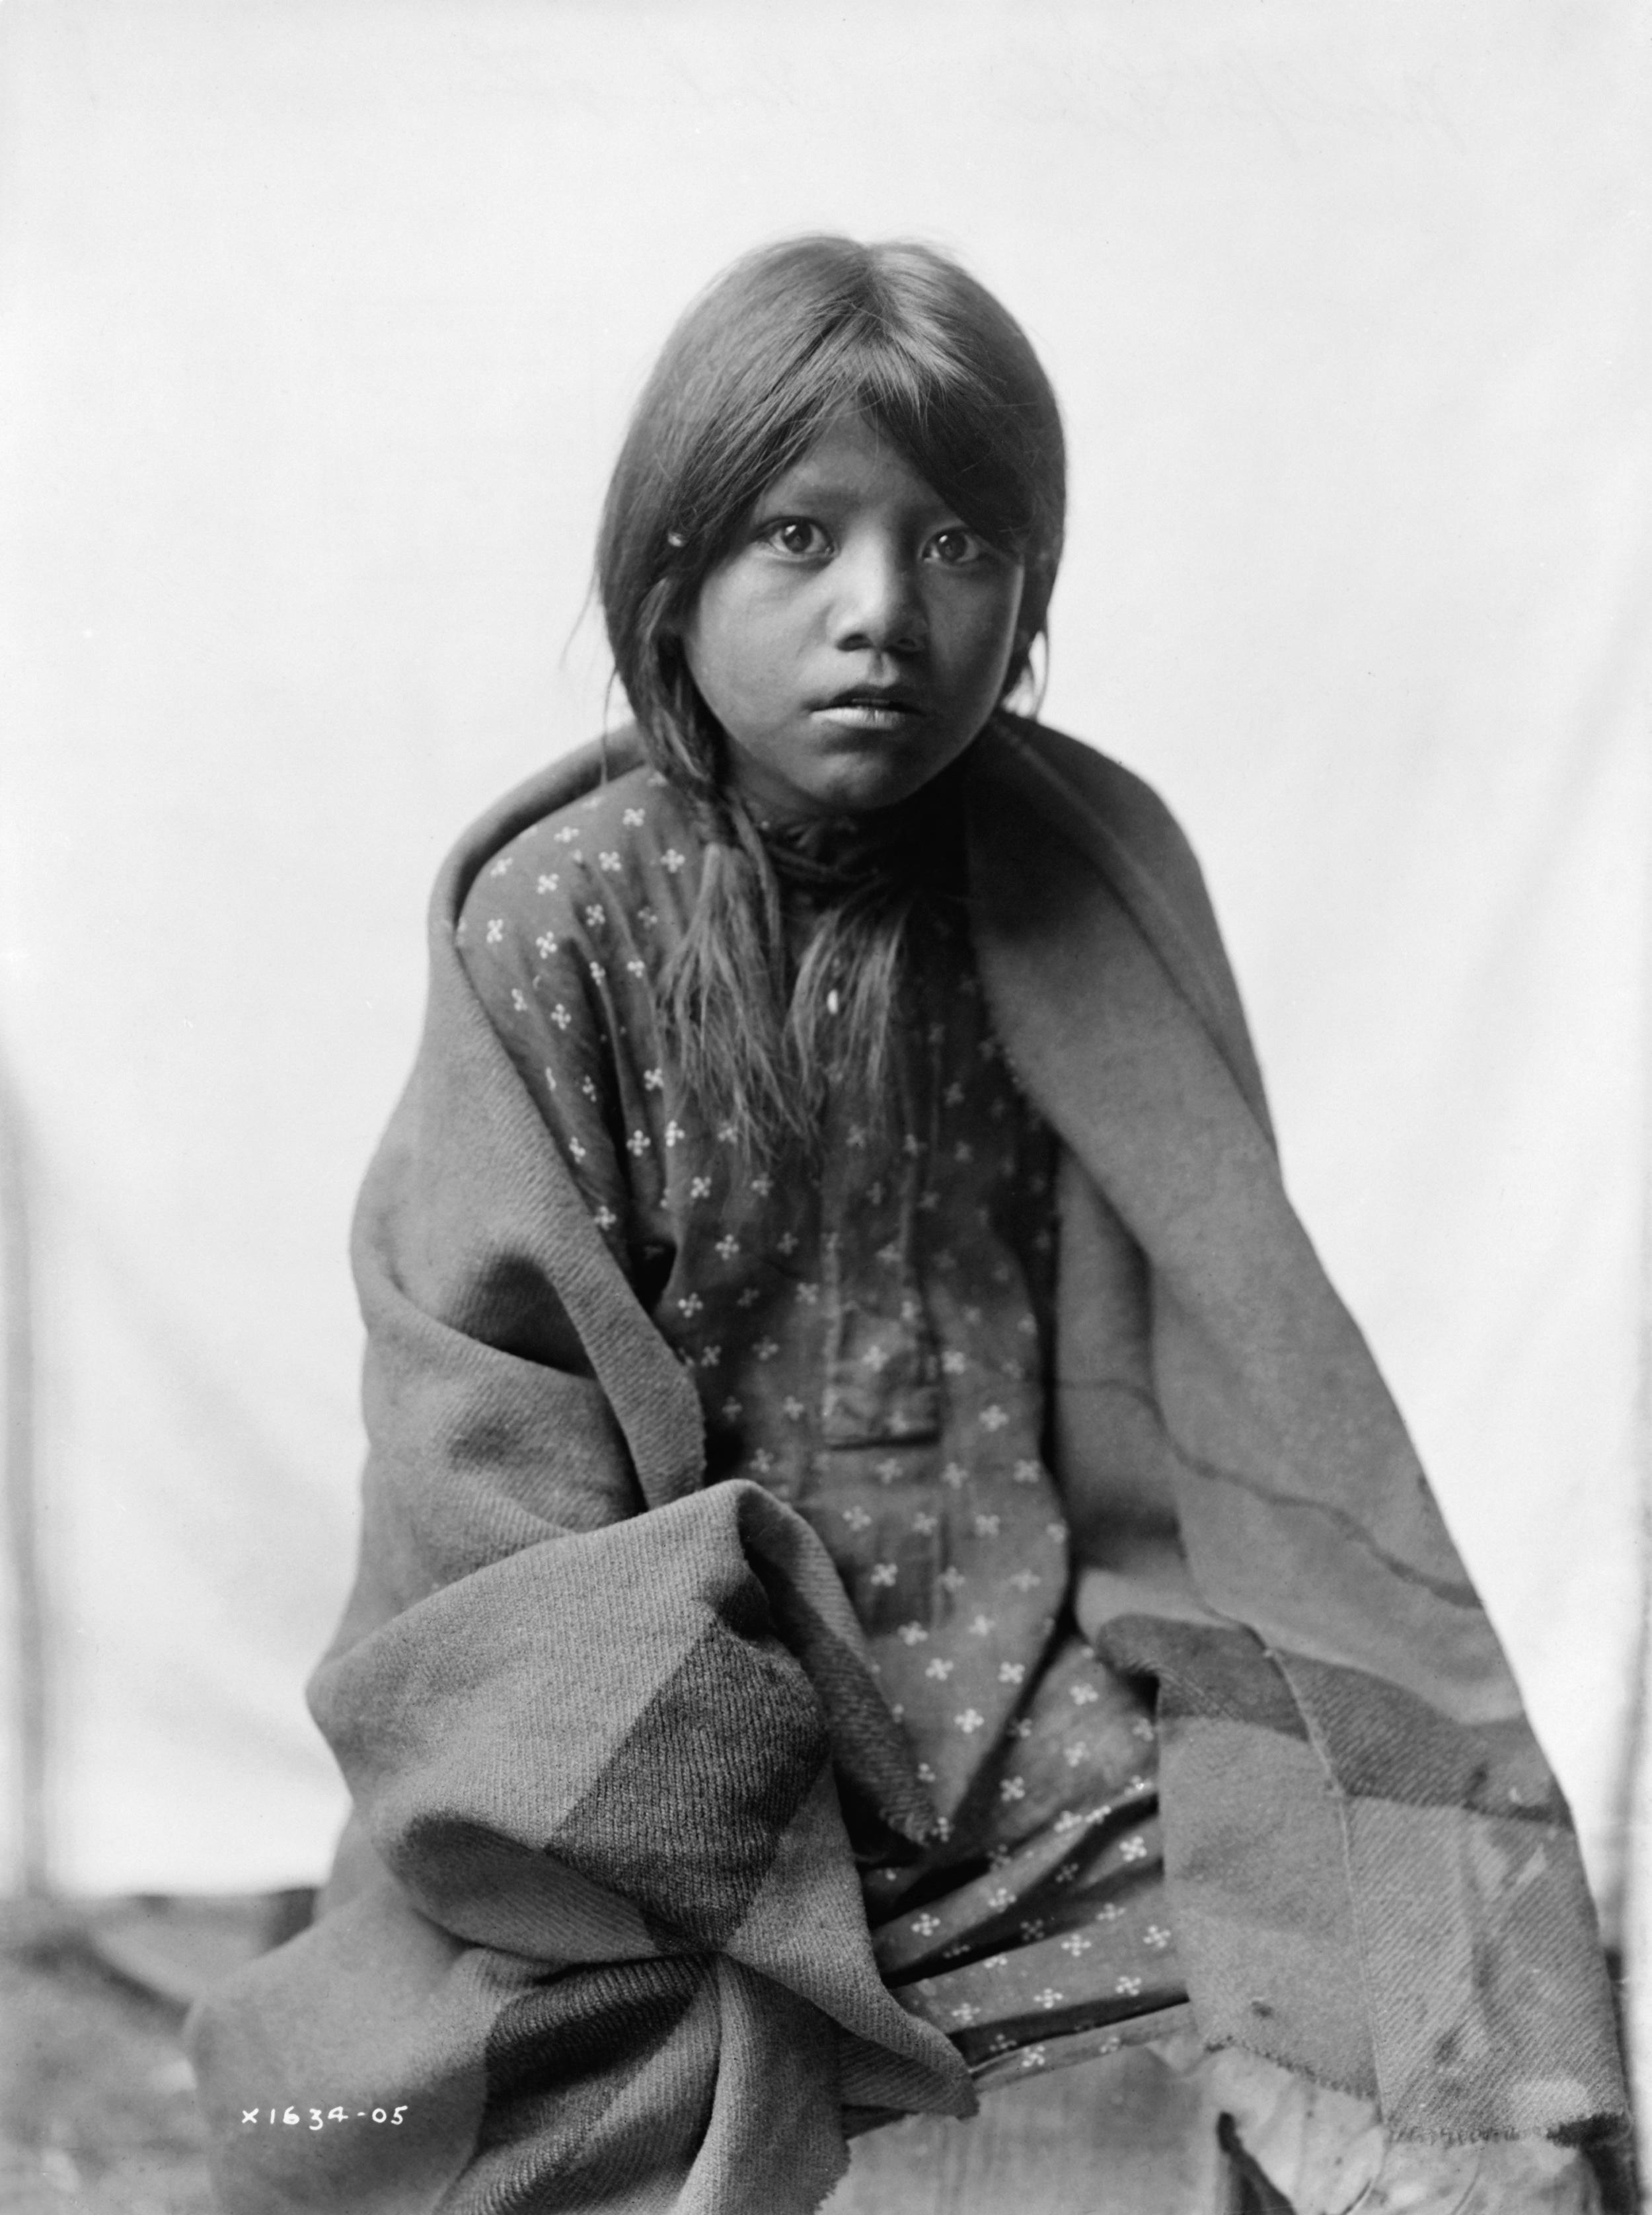 Taos Girl Edward Curtis 1905.jpg